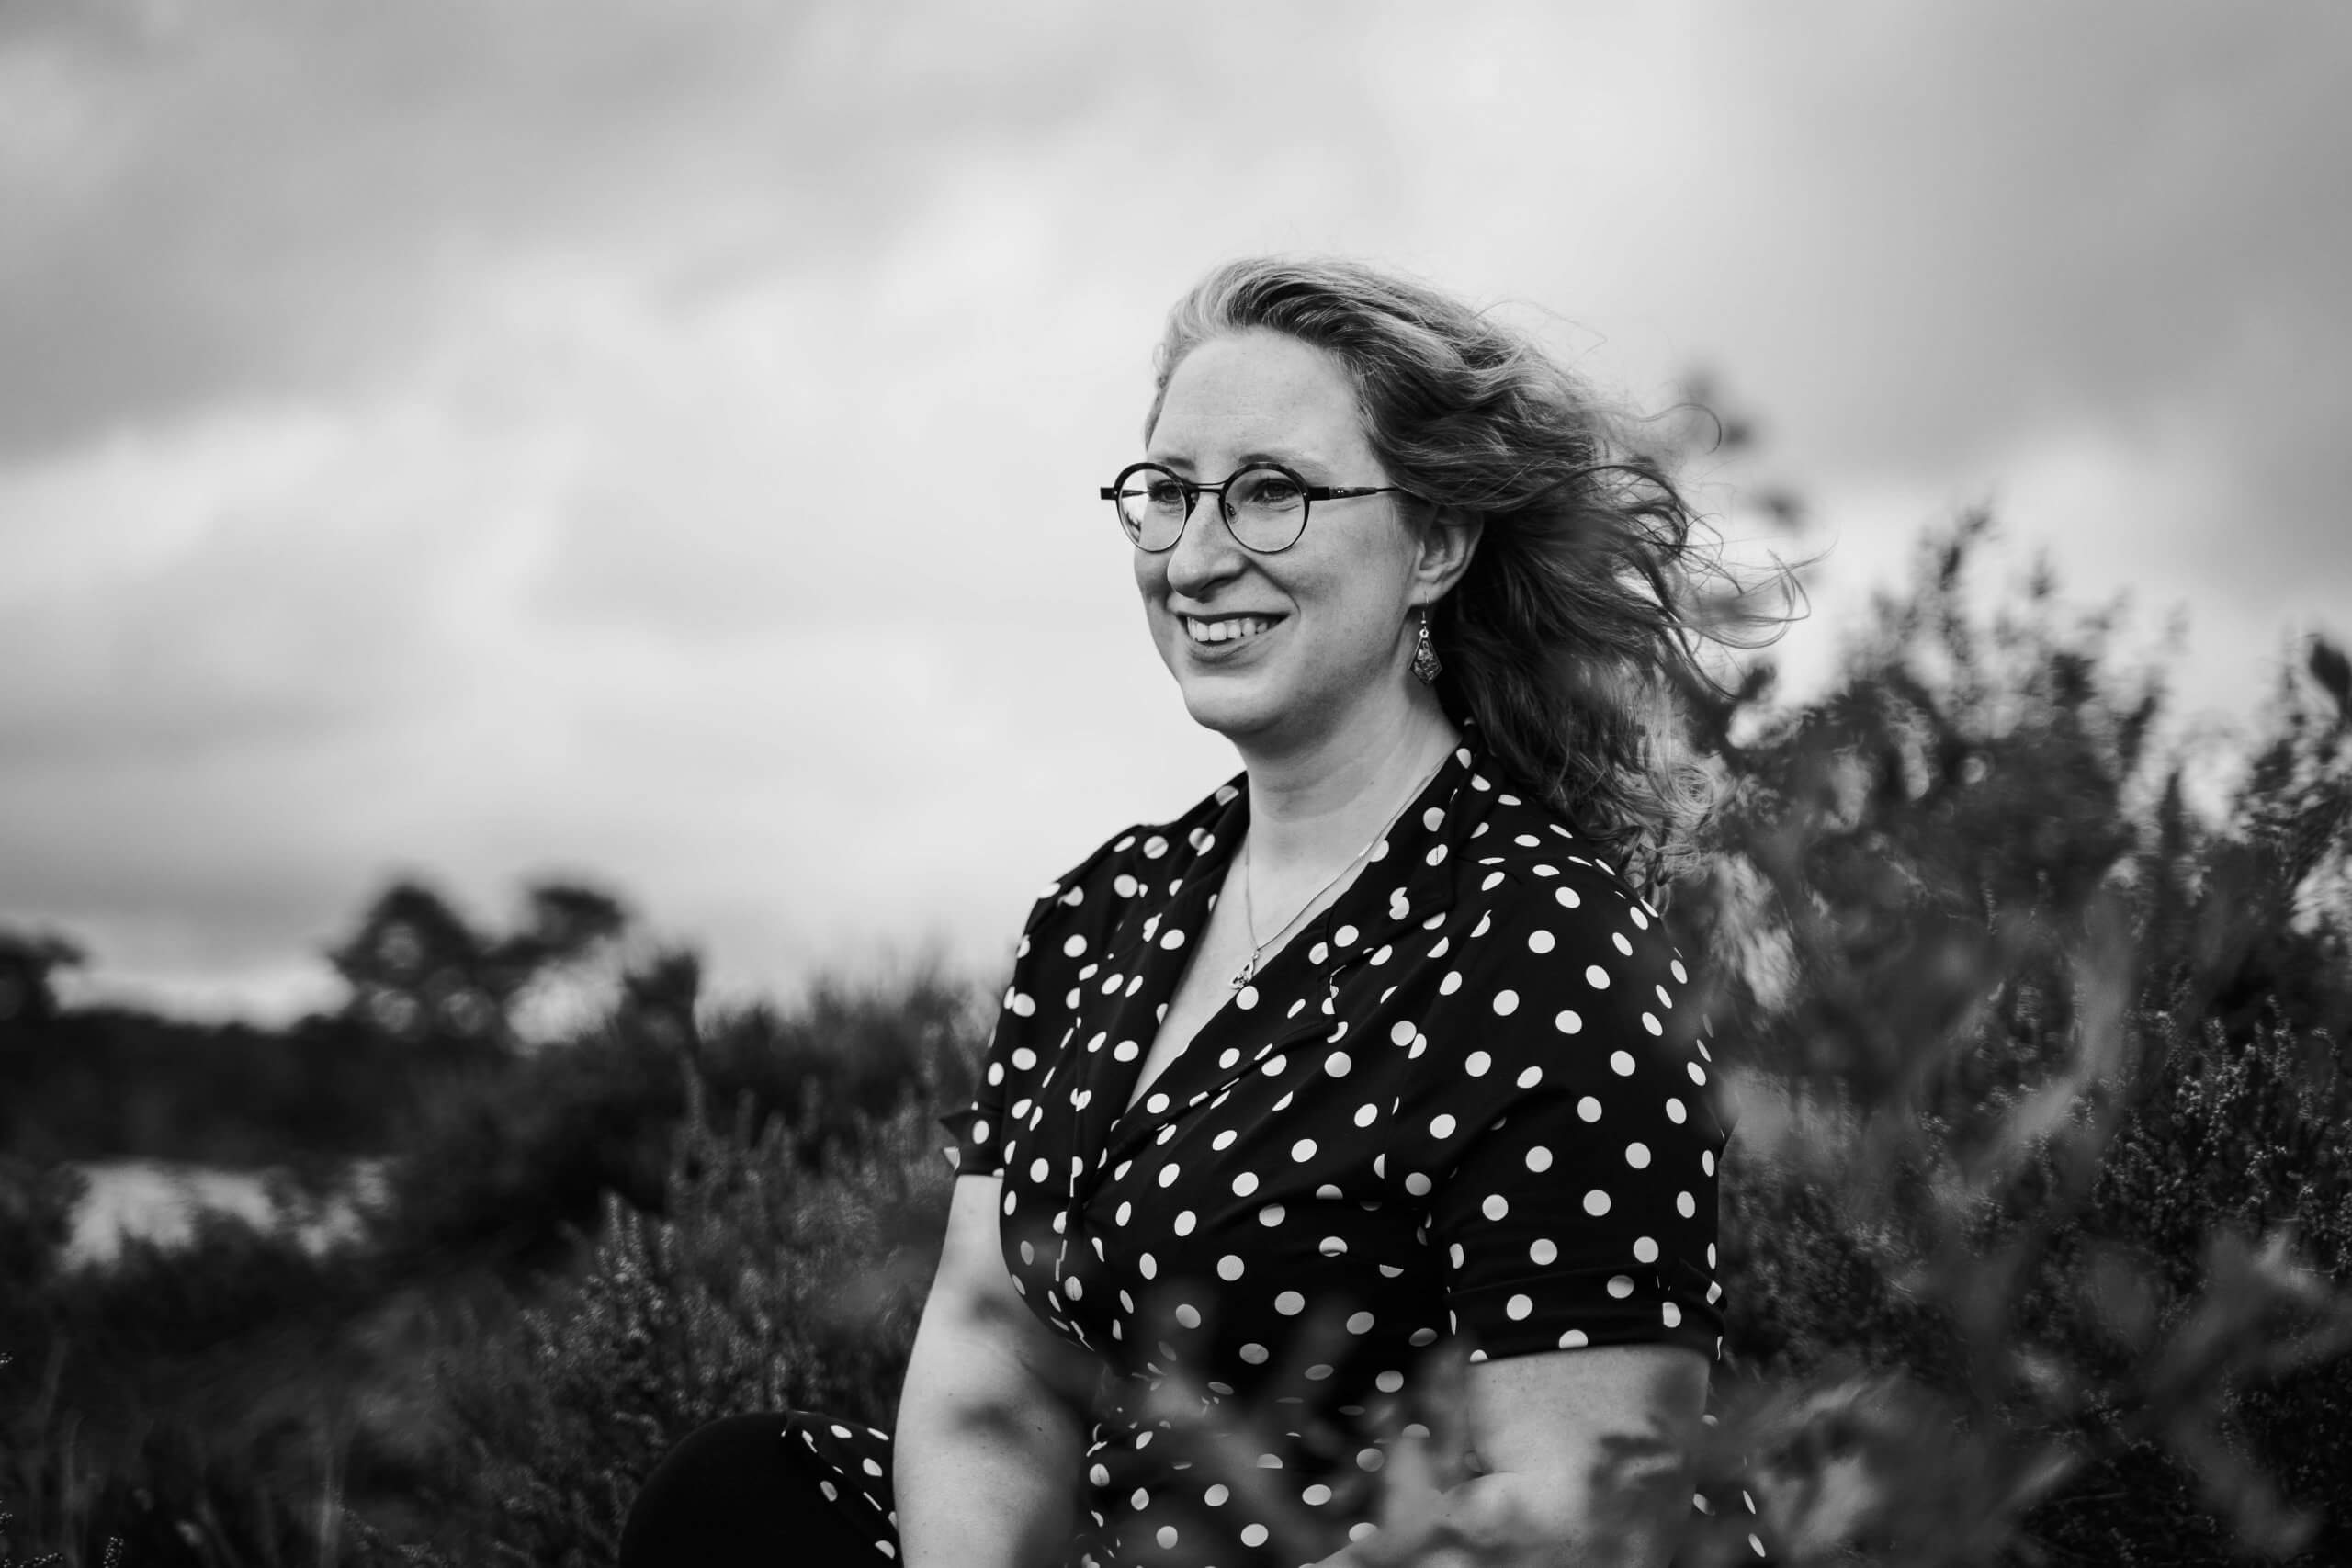 Bedrijfsreportage content beeldbank buiten bedrijf zzper vrouwelijke ondernemer reportage